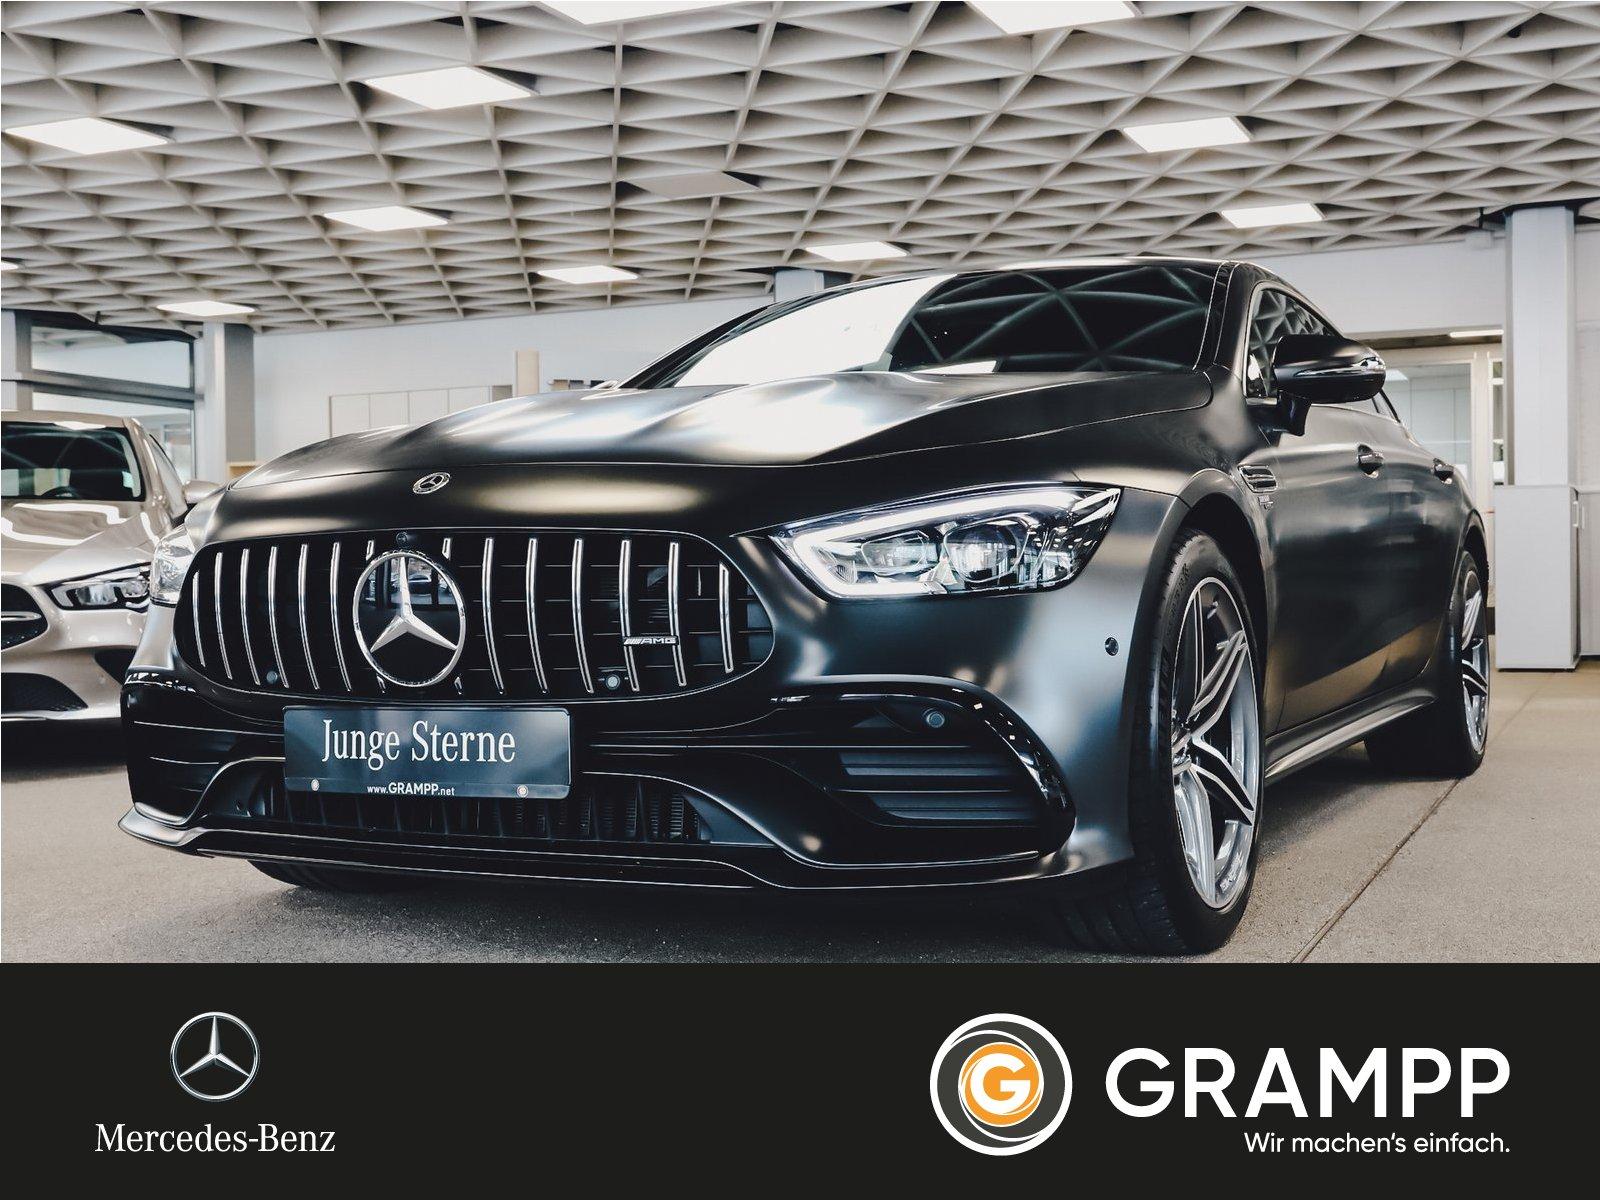 Mercedes-Benz Mercedes-AMG GT 43 4M+ Distronic/Massage/GSD/HUD, Jahr 2020, Benzin